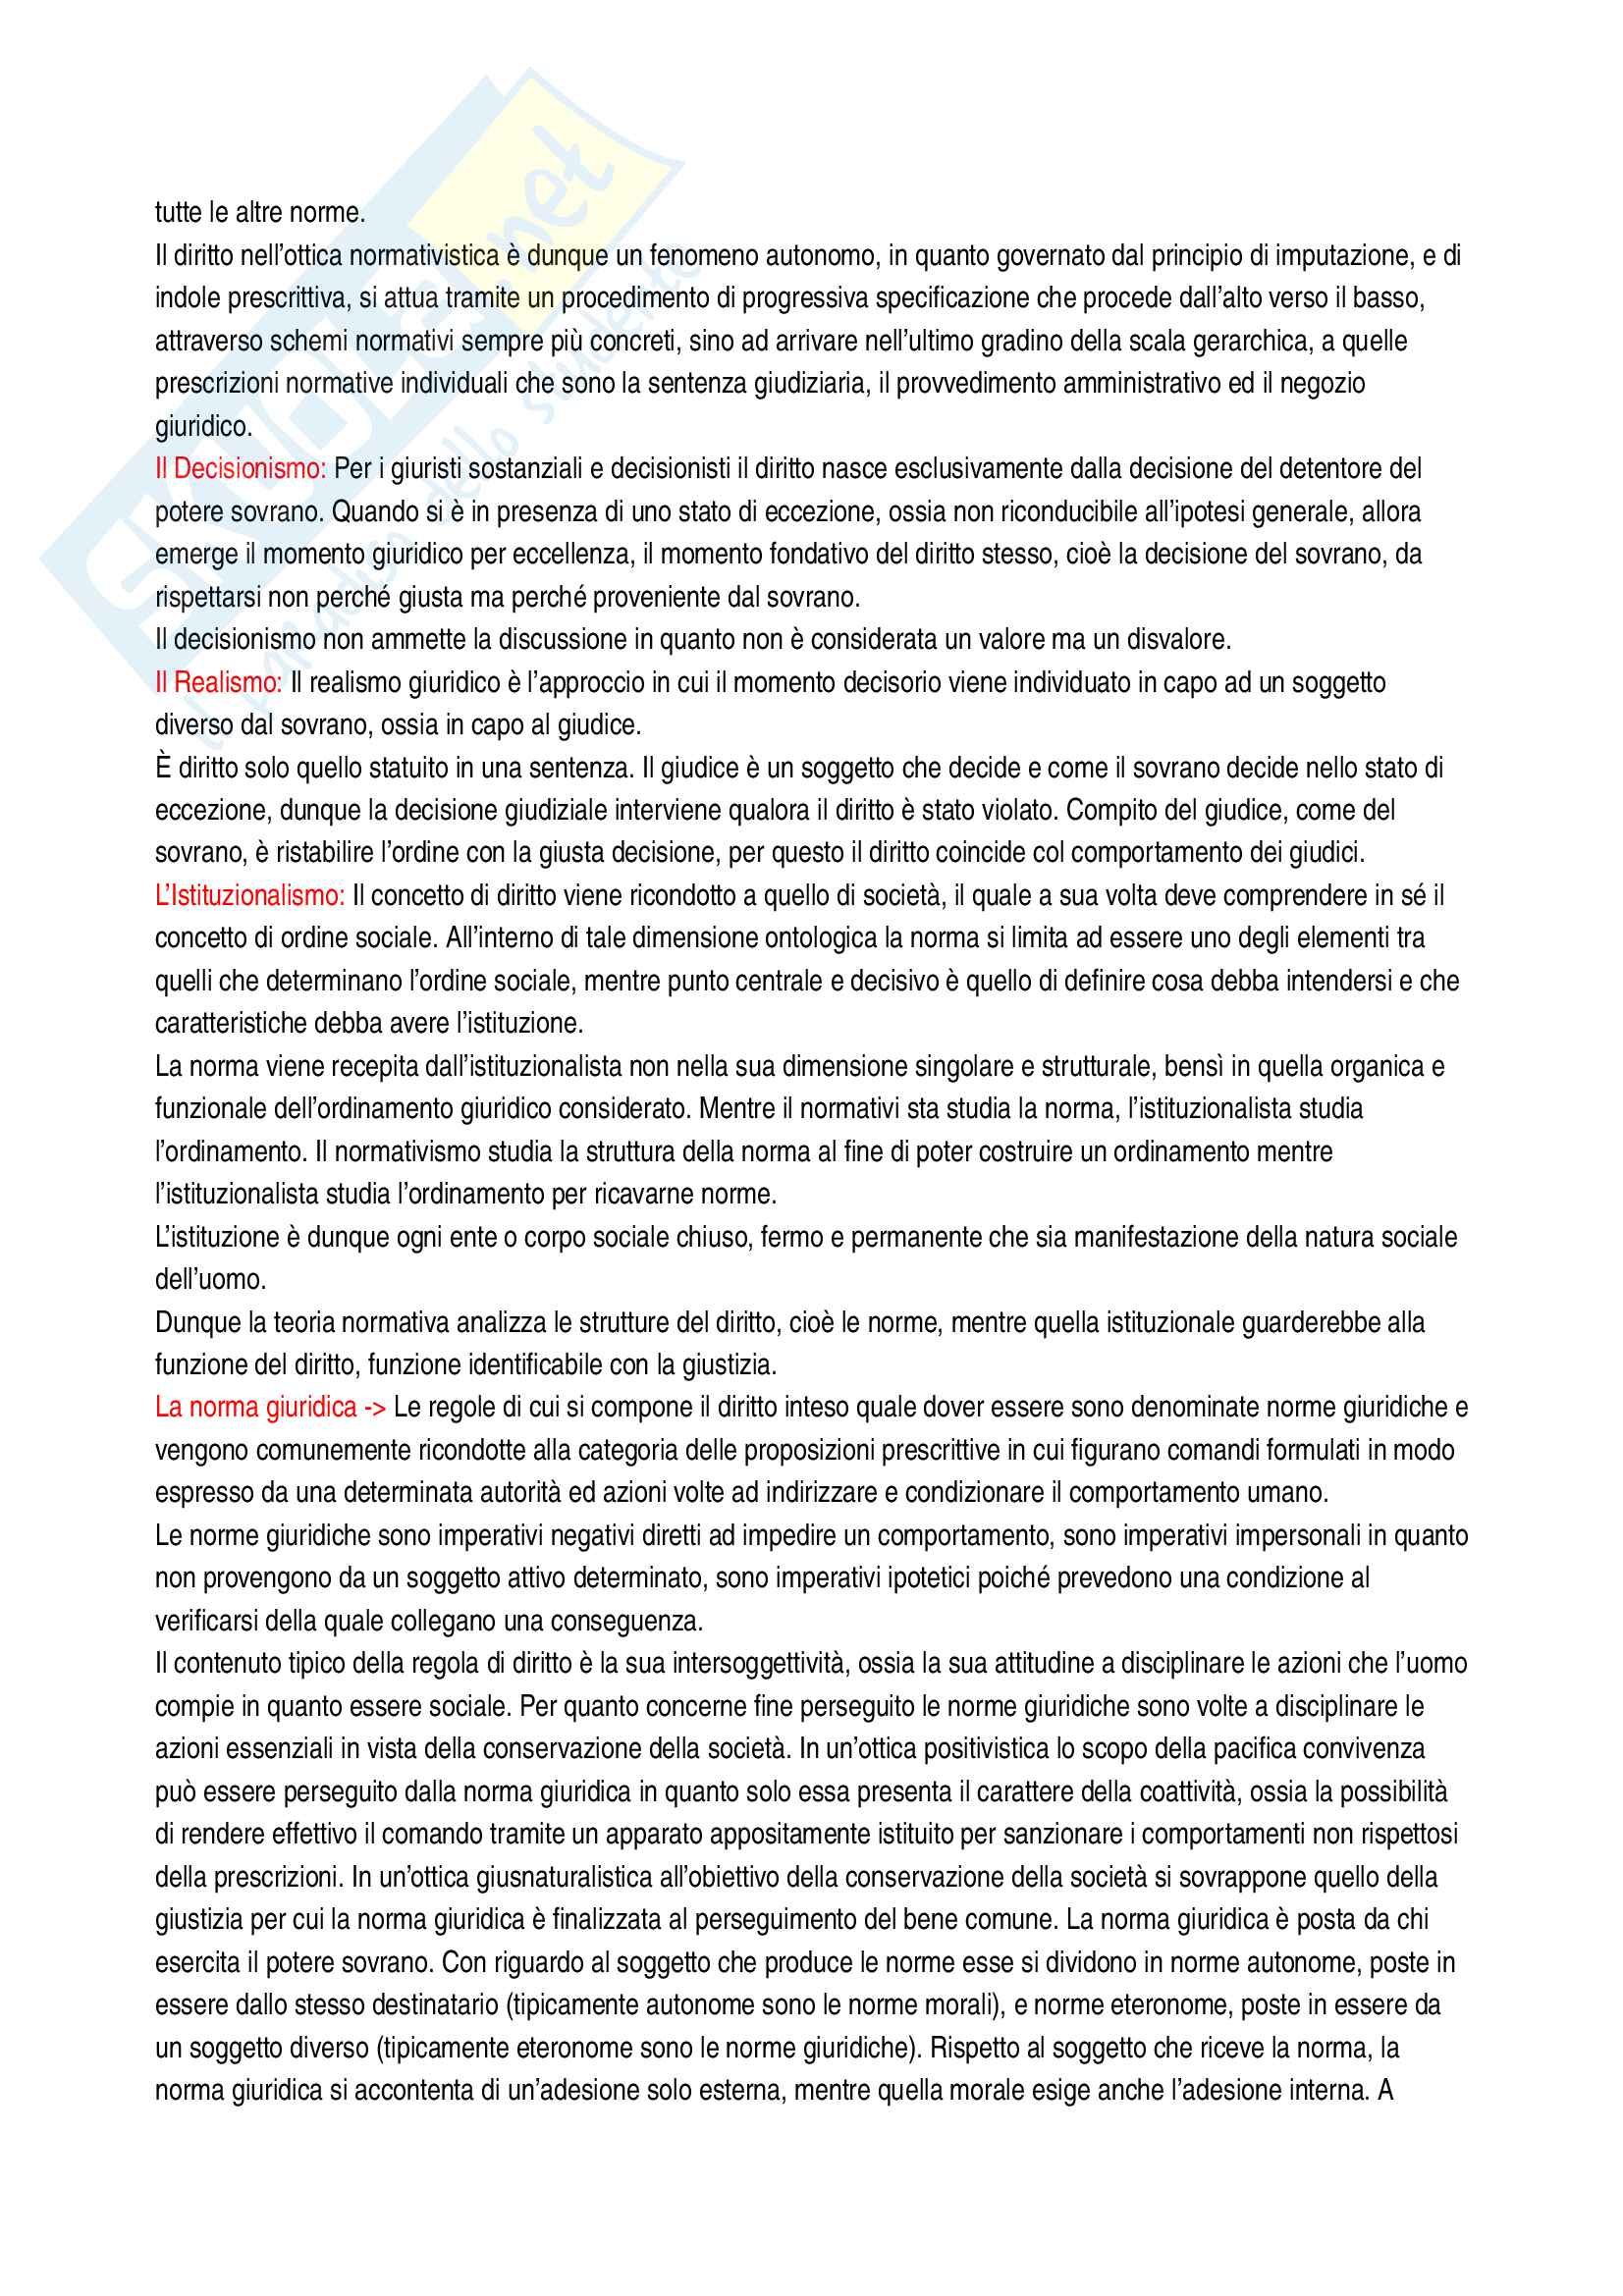 Riassunto esame diritto costituzionale, Vignudelli, libro consigliato Diritto costituzionale, Giappichelli editore Pag. 2